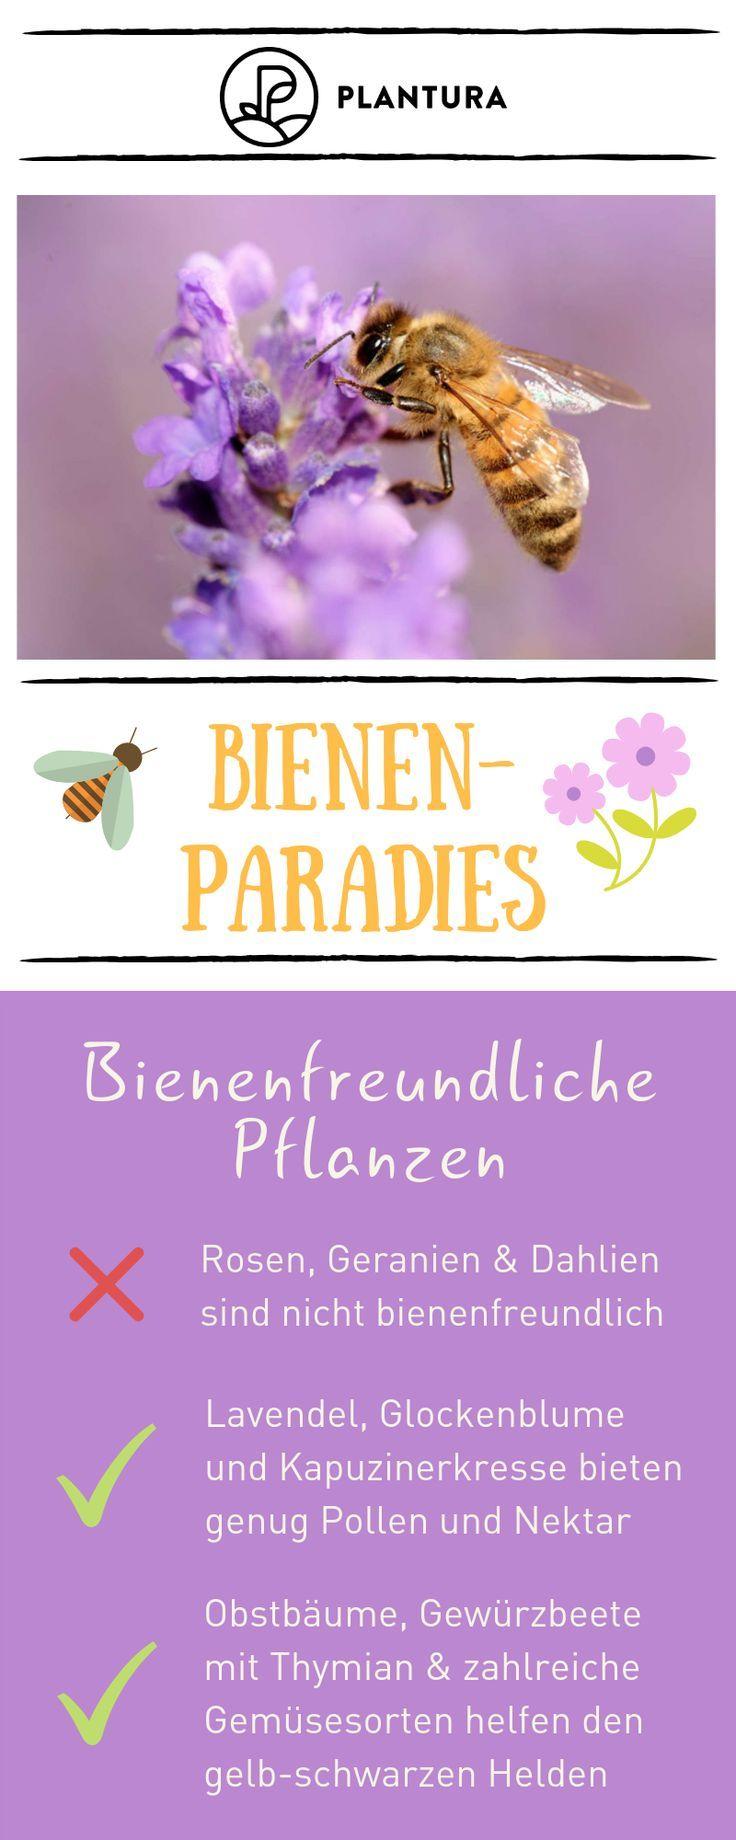 10 Tipps für ein Bienenparadies im eigenen Garten: Bienenfreundliche Pflanzen.B